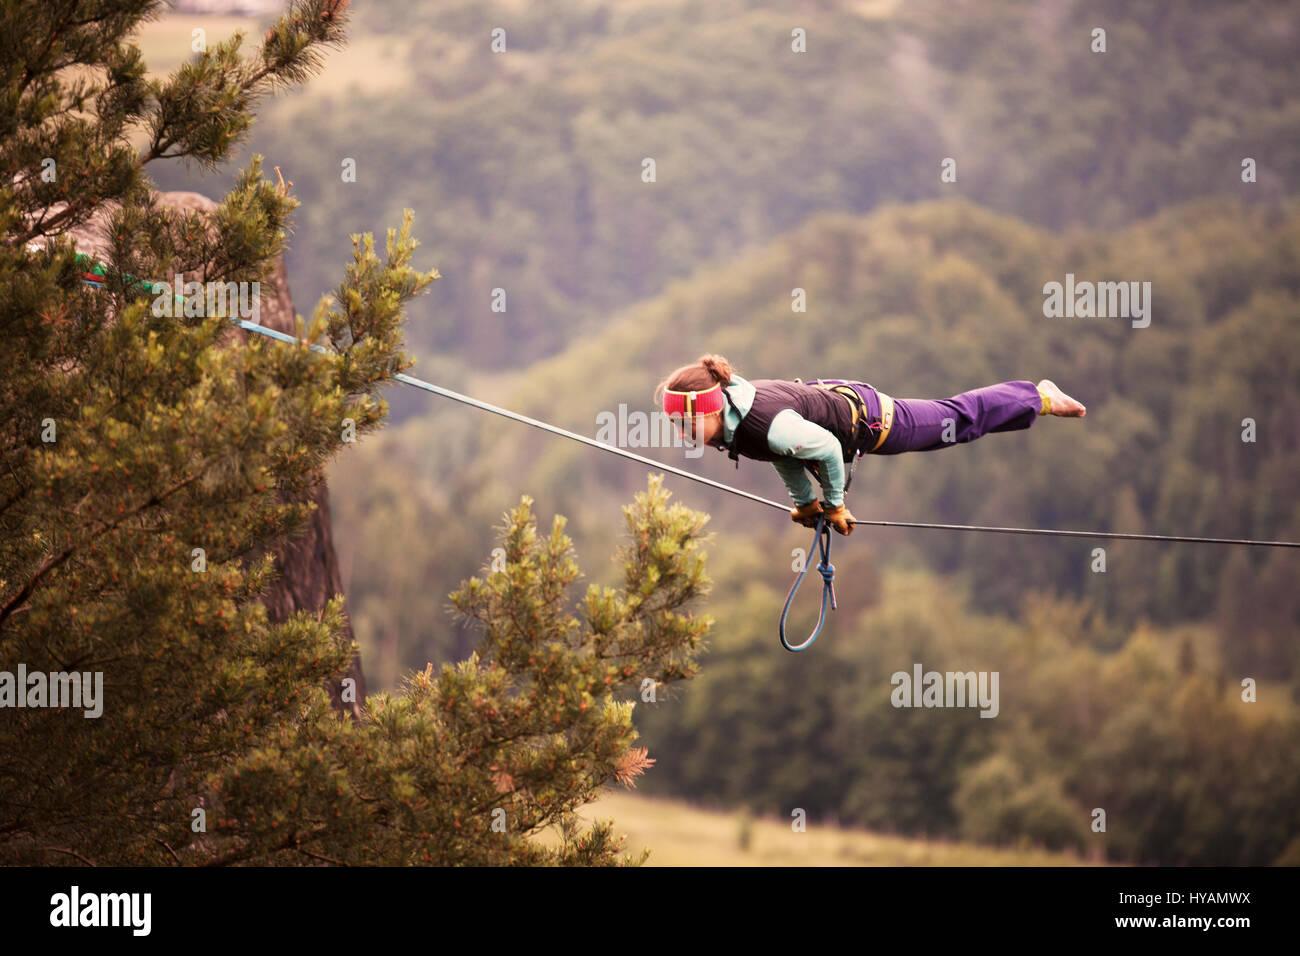 OSTROV, Tschechien: ein weiblicher Slackliner zeigt auf dem Hochseil. VON Verkleidung Kostüm Verleih-Draht Yoga Stockfoto